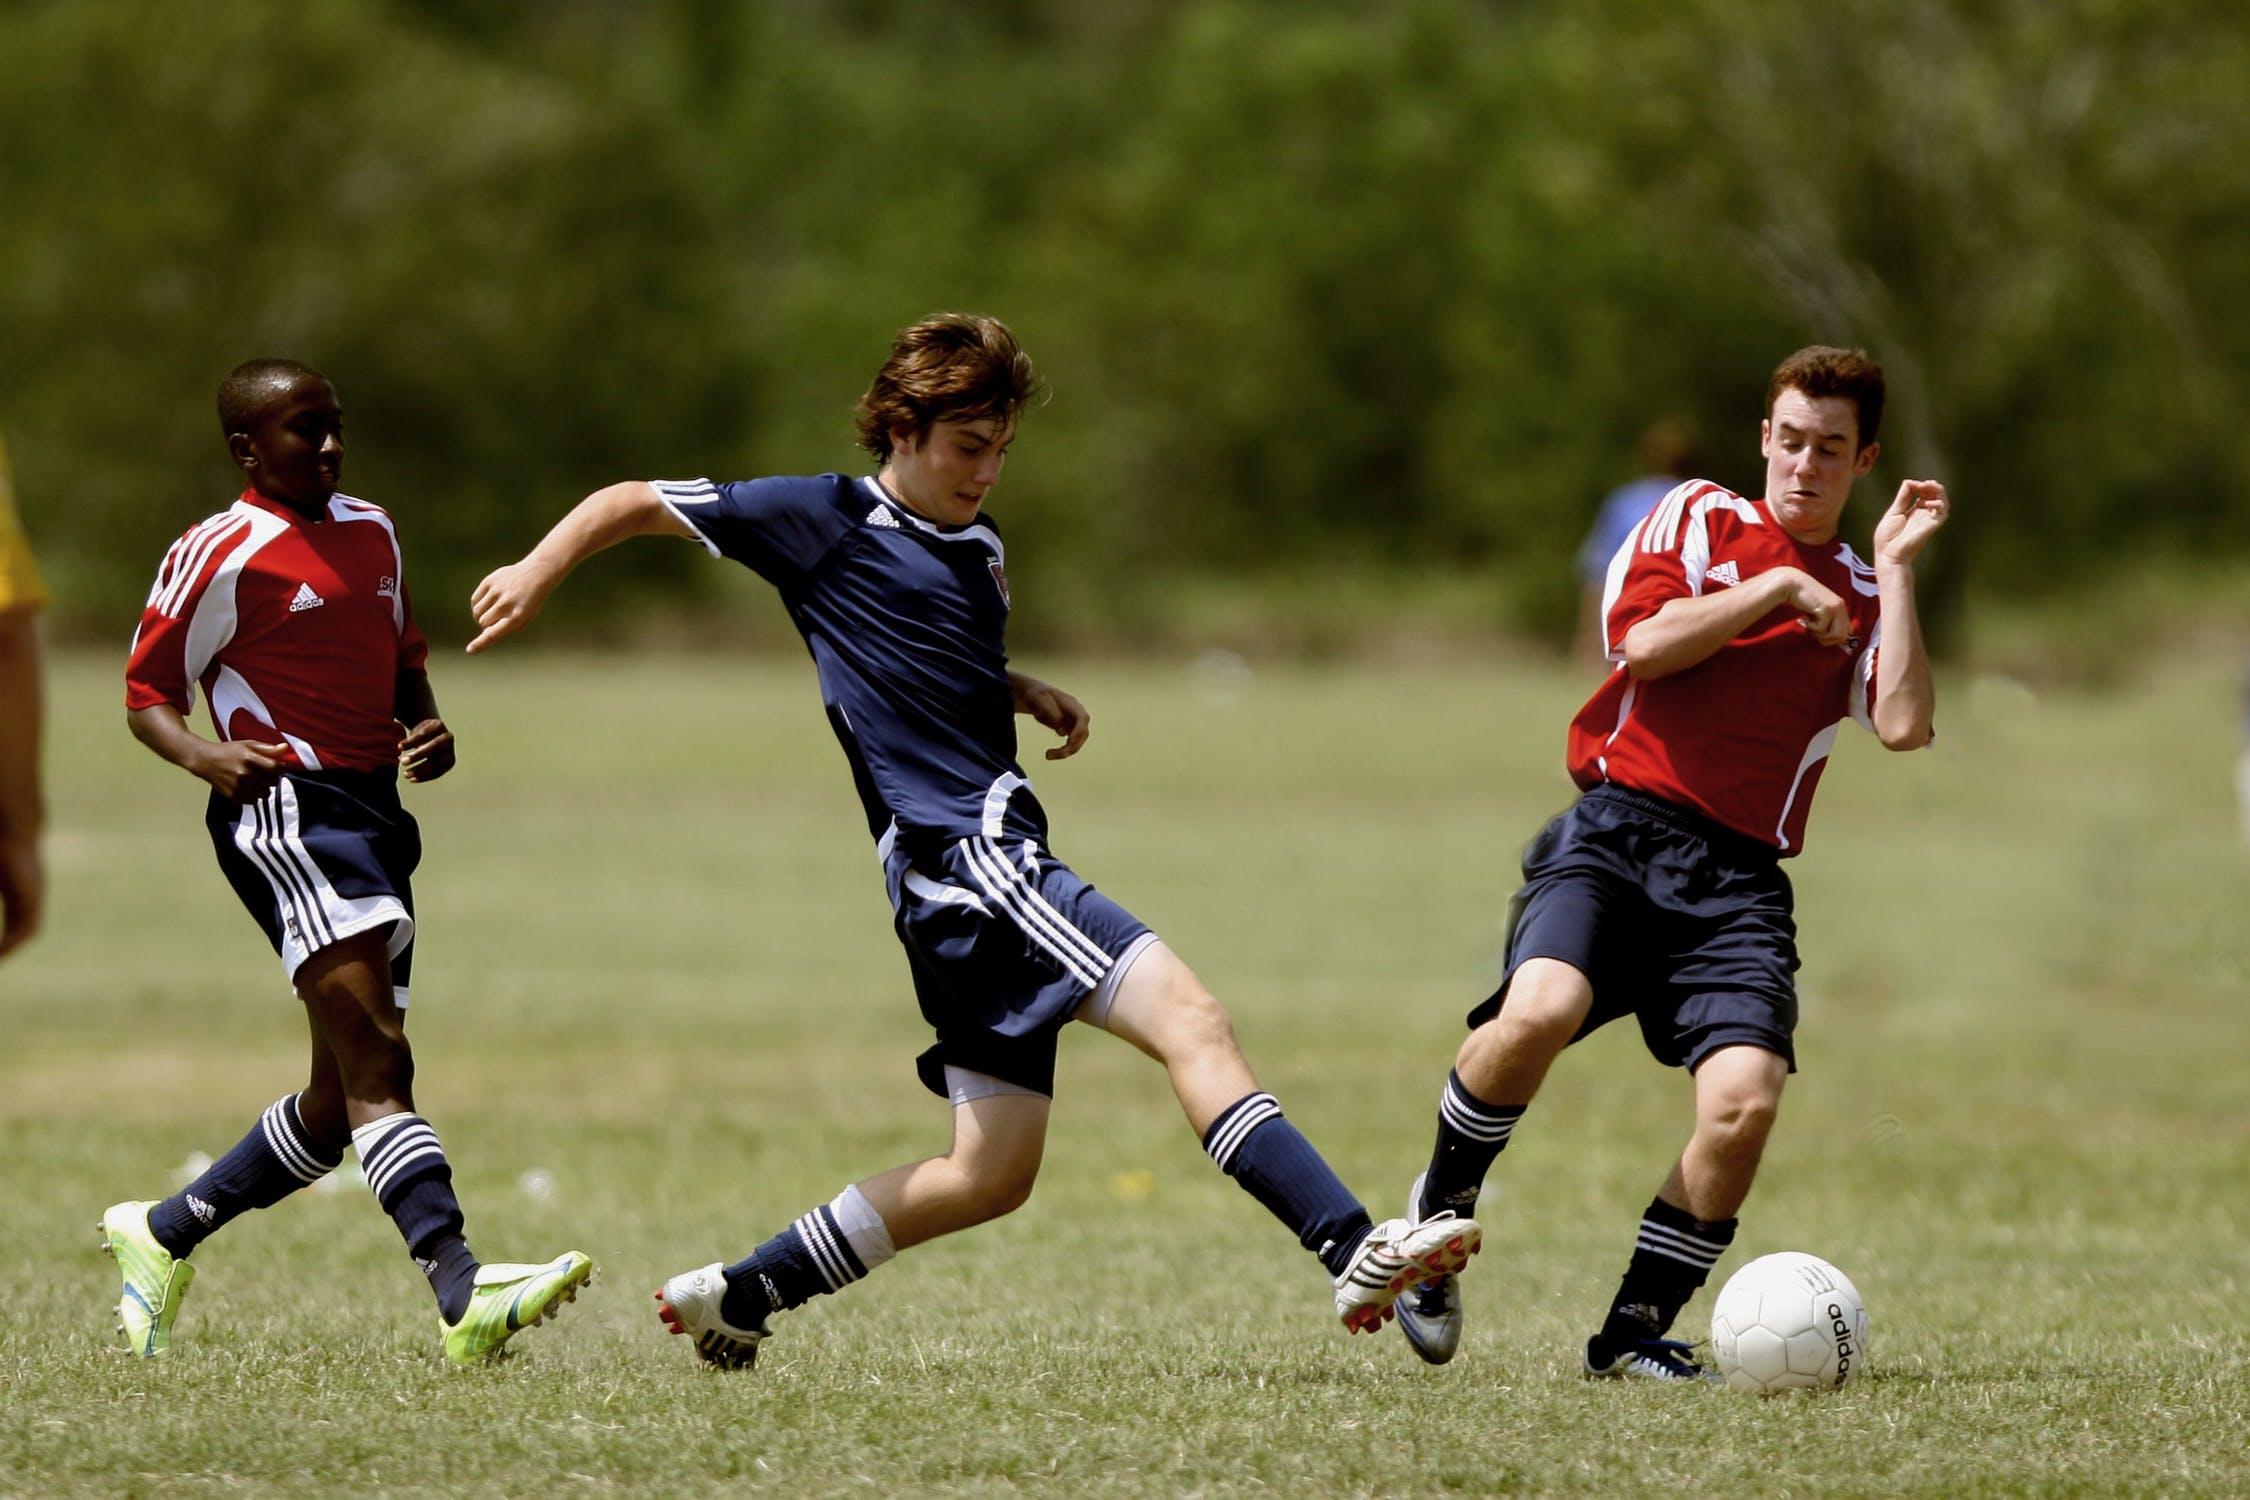 Partita di calcio giocatori